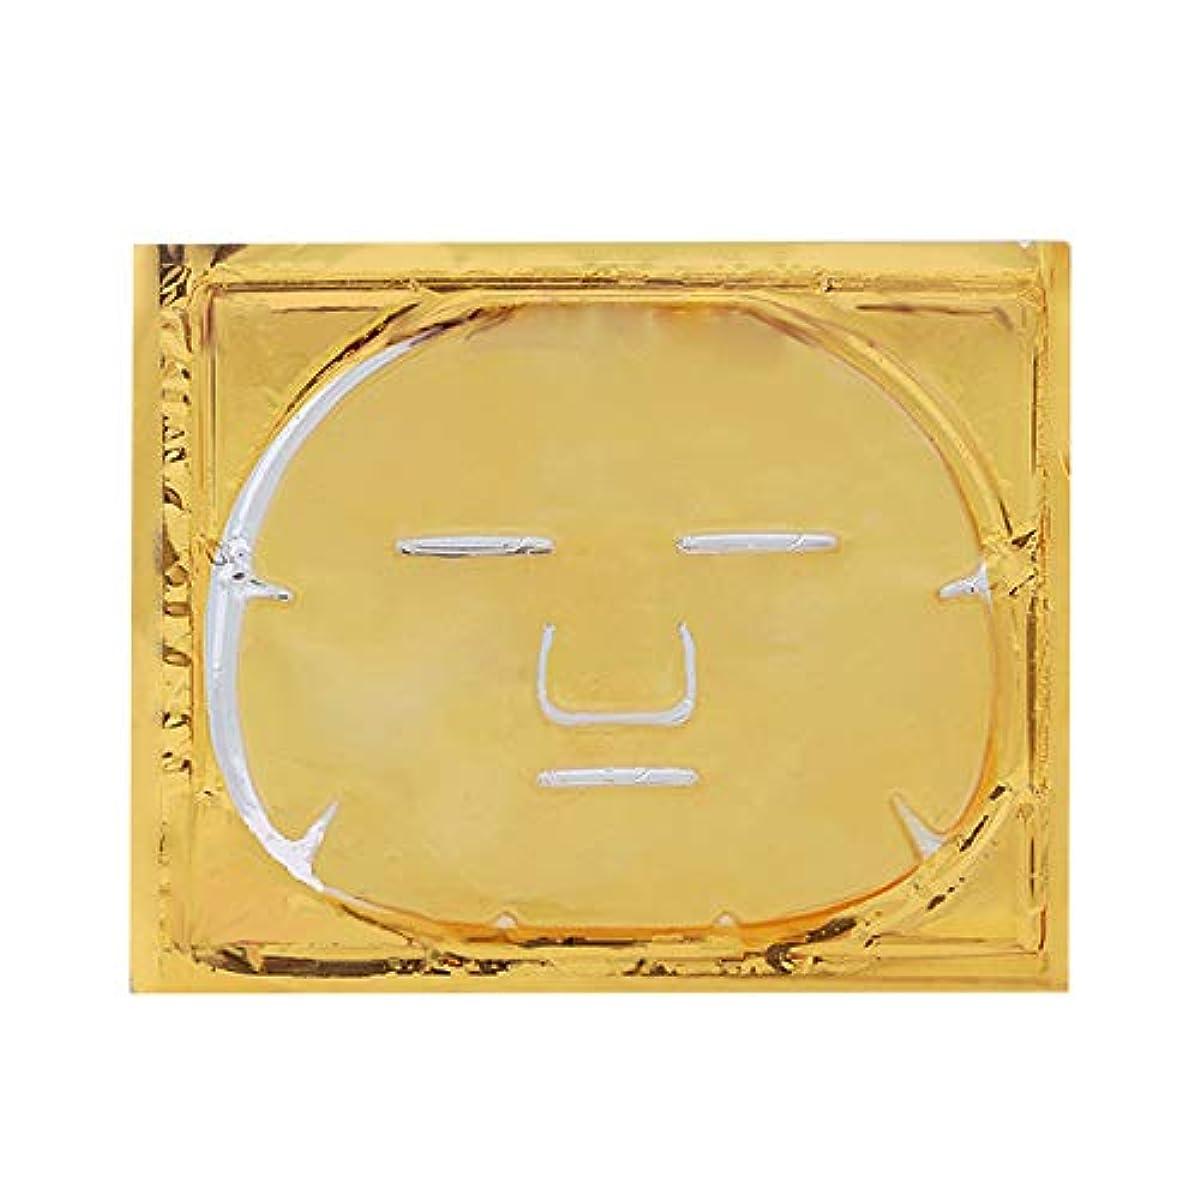 愛されし者仮装関係するTOOGOO ゴールド ゲル コラーゲン 水晶フェイシャル?マスク シート パッチ アンチエイジング、美白、むくみ、しわ、保湿、深部組織の若返りと水分補給用